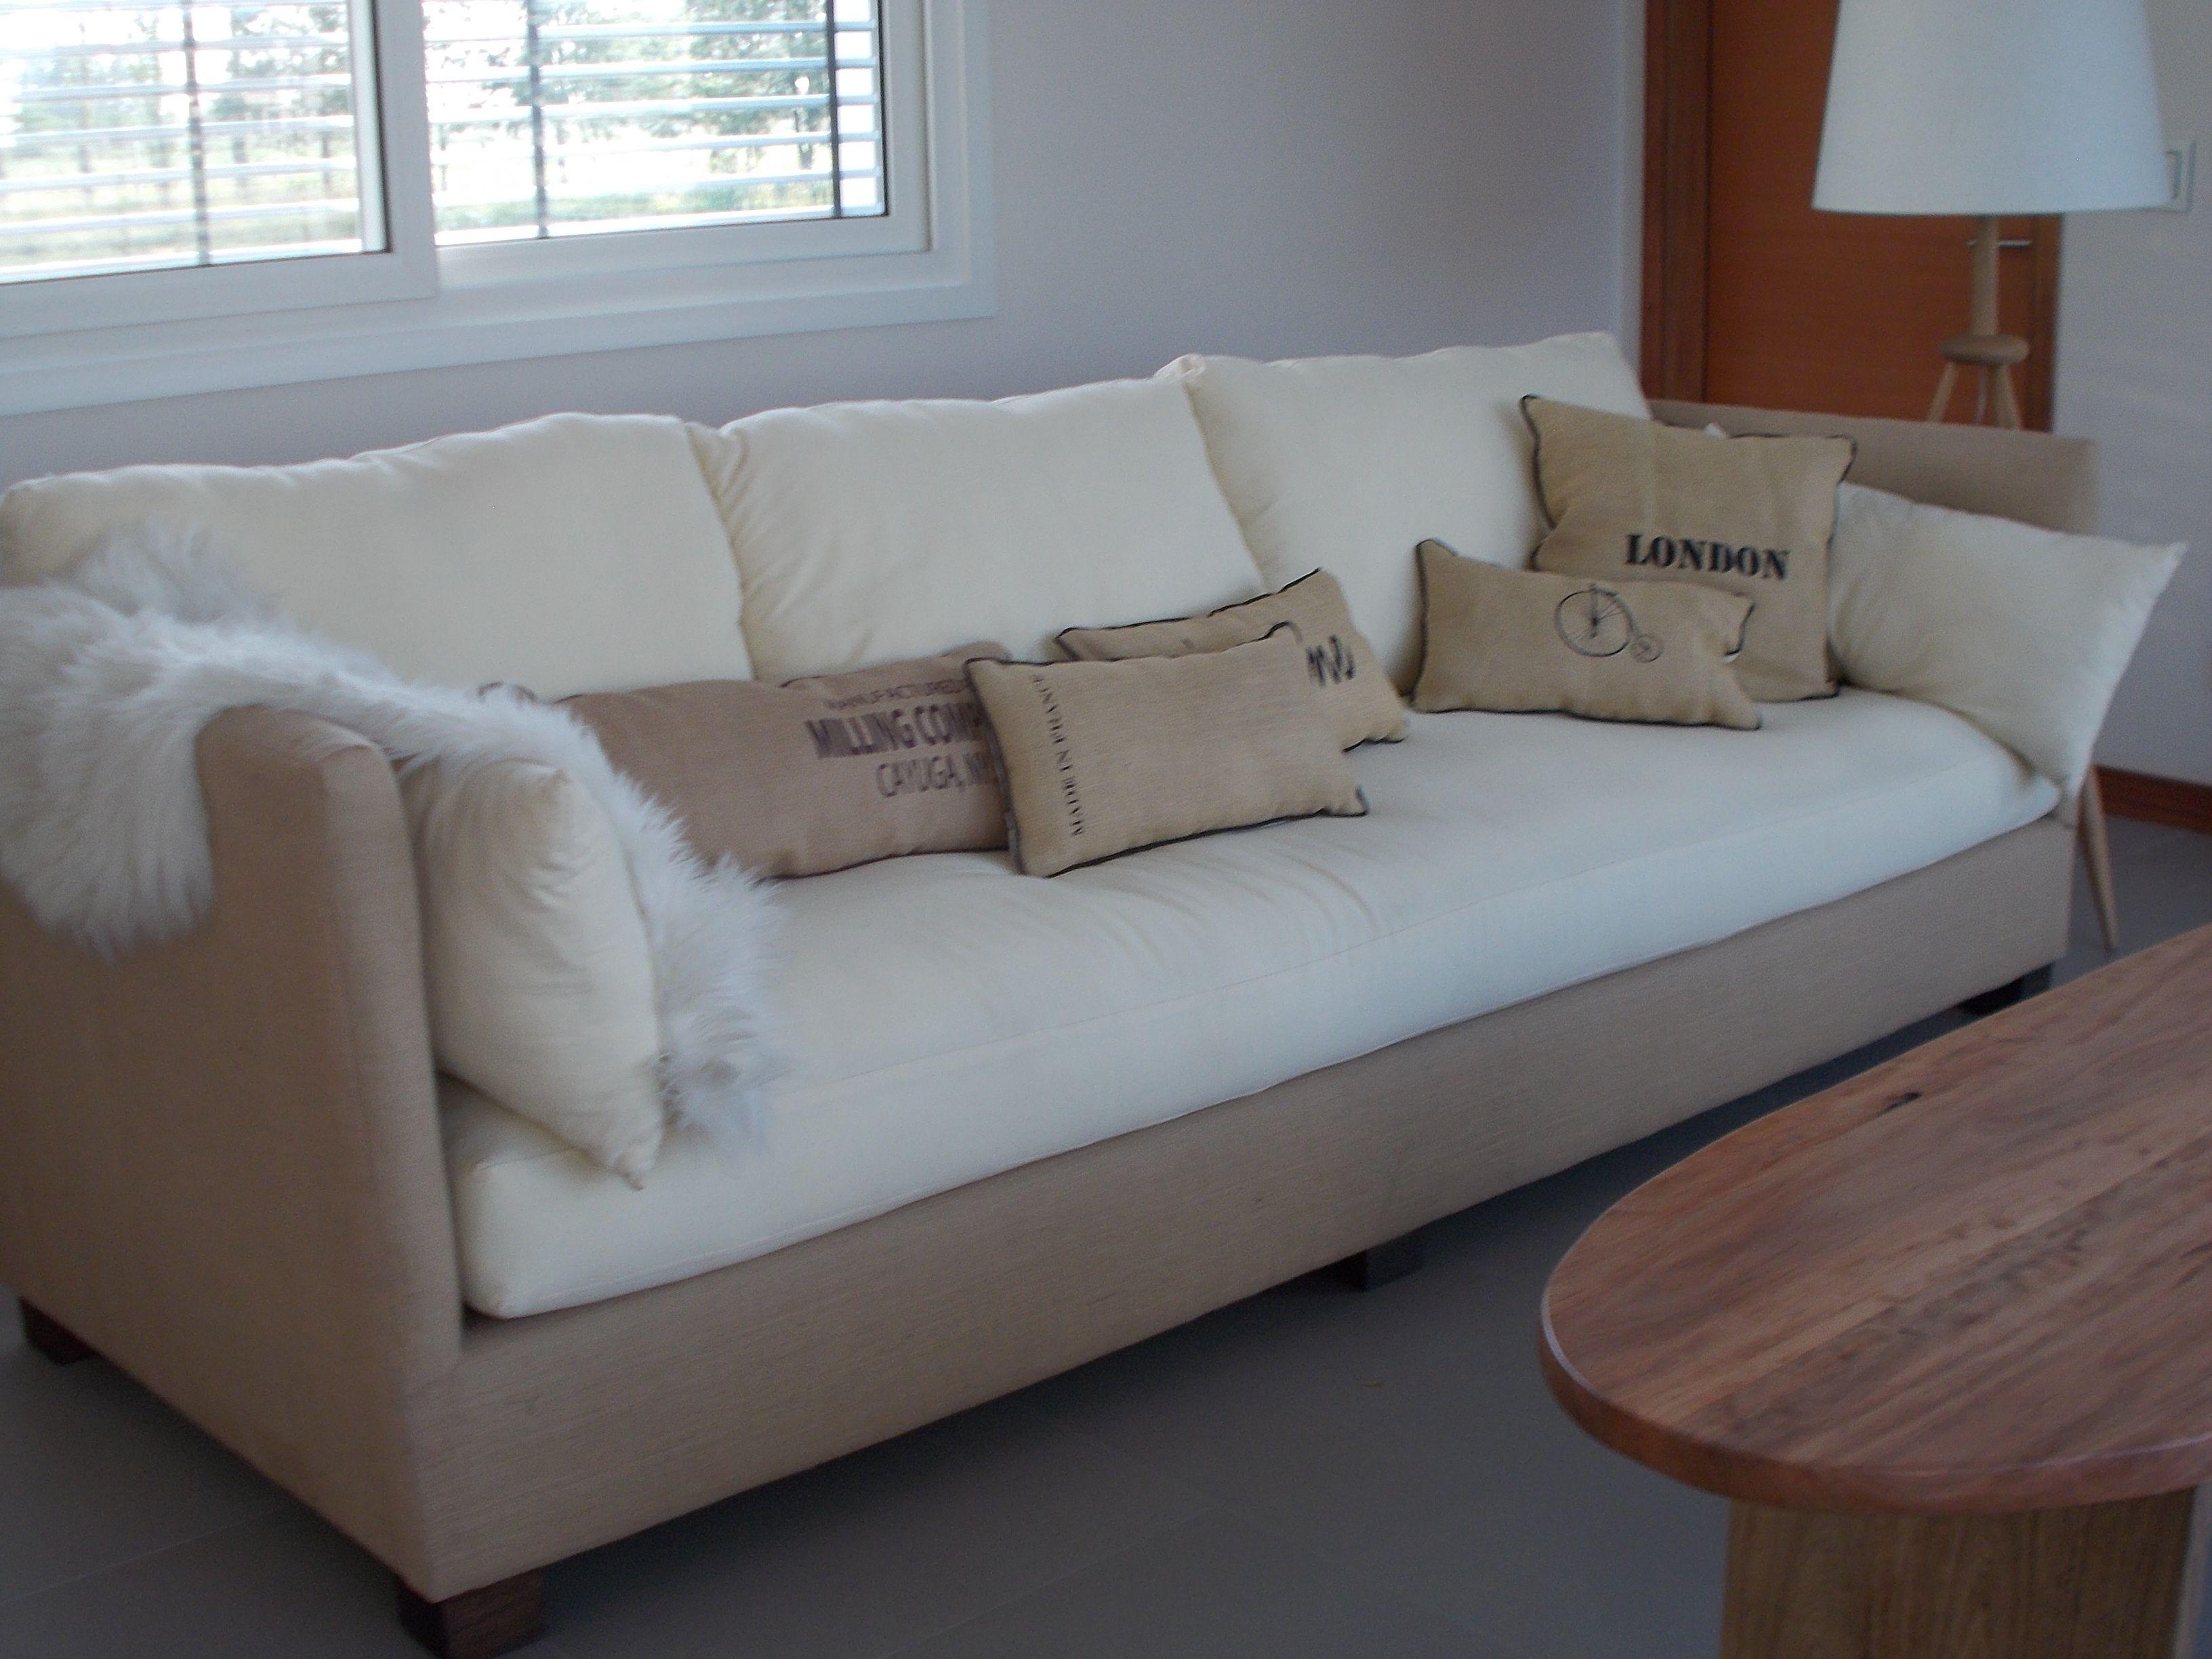 Sillon de 2 70 x 95 combinado arpillera y lienzo for Sofa cama de dos cuerpos